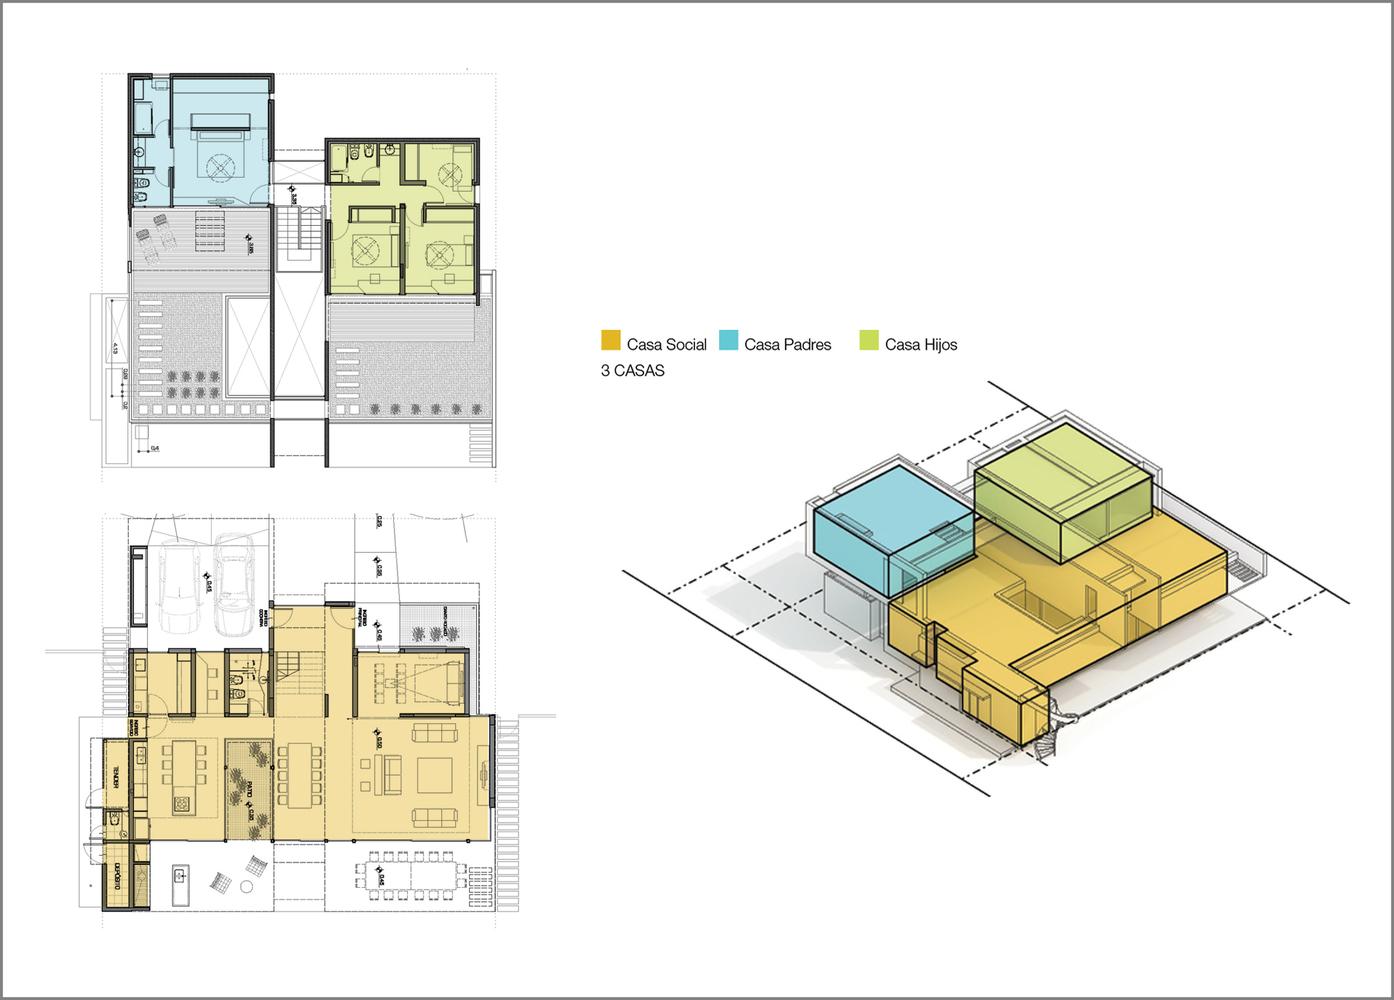 Esquemas funcionales: estrategias de organización programática en casas de Argentina,Casa 17x17 / Matías Imbern. Image